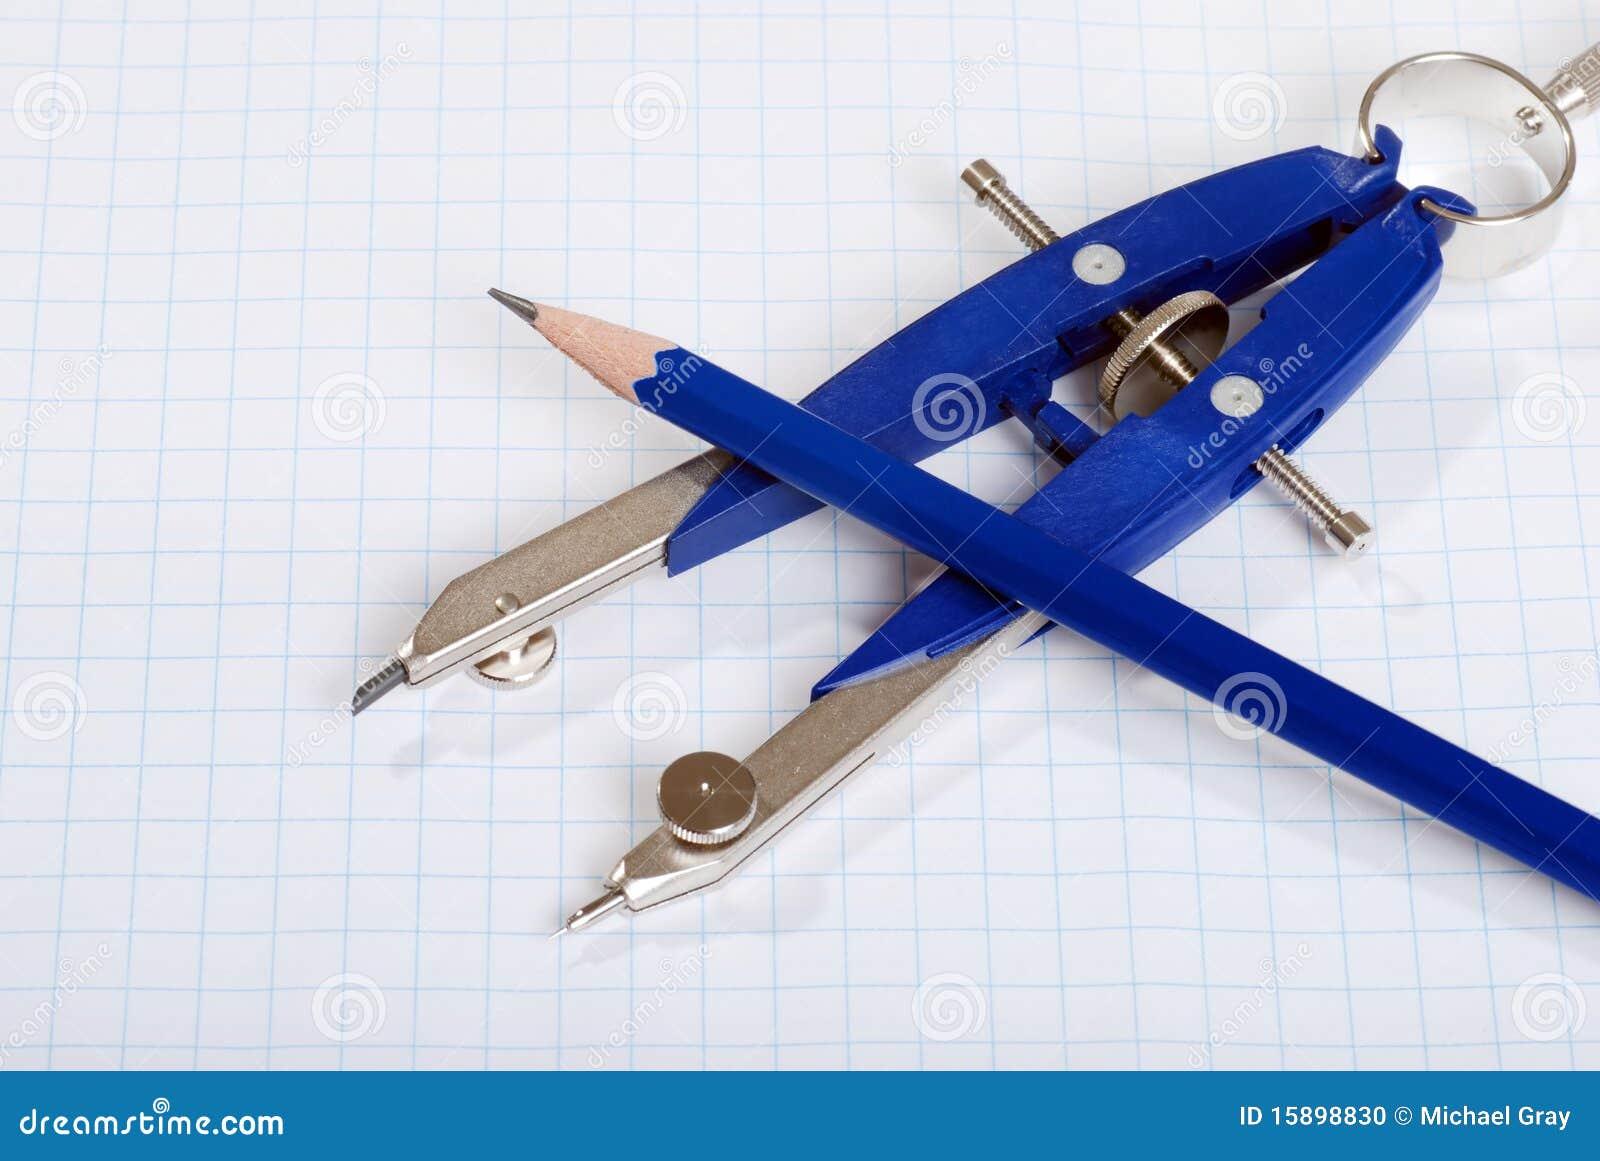 Compasso e lápis no papel de gráfico